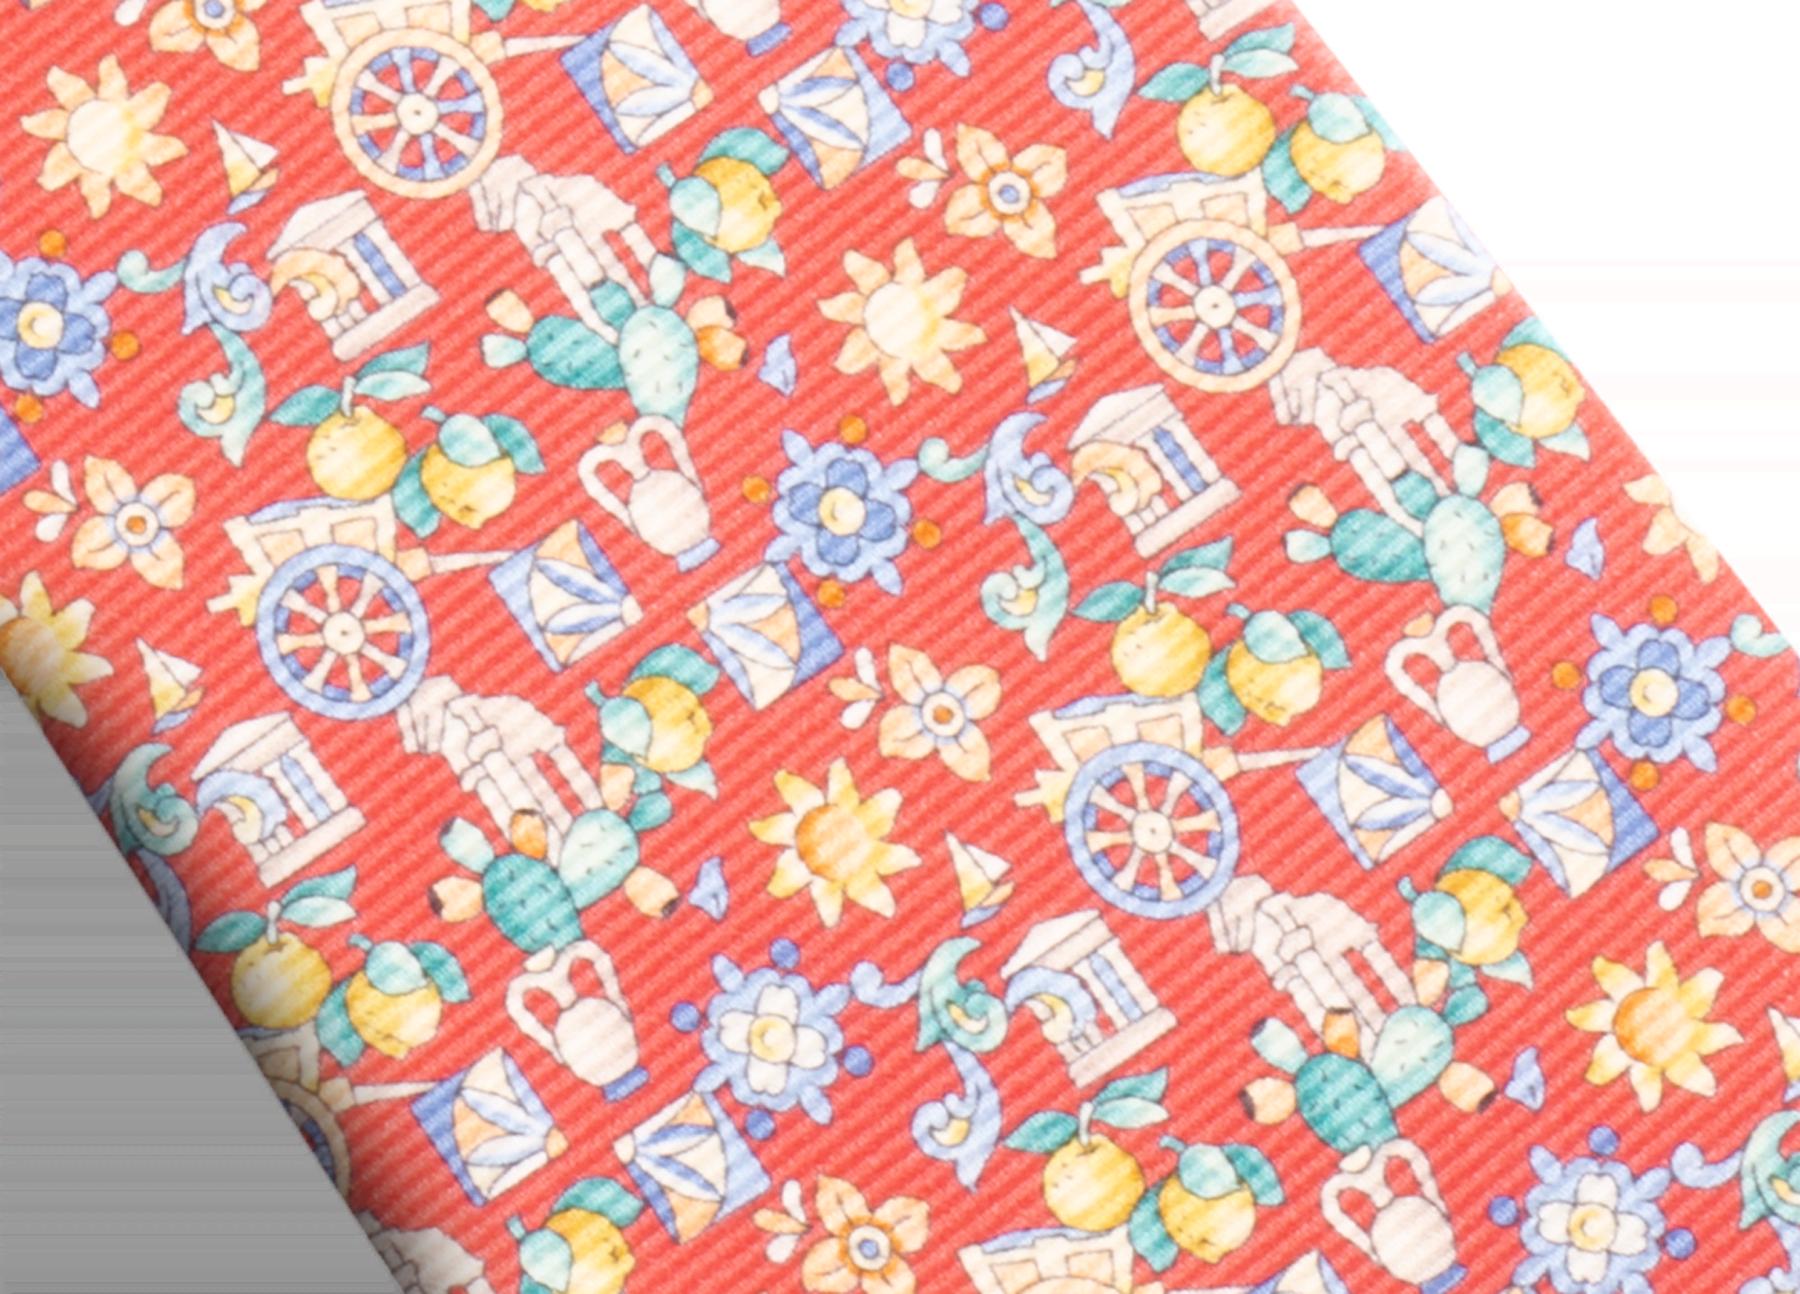 Cravatta sette pieghe color corallo con motivo Sicily in pregiata seta saglione stampata. 244123 image 2